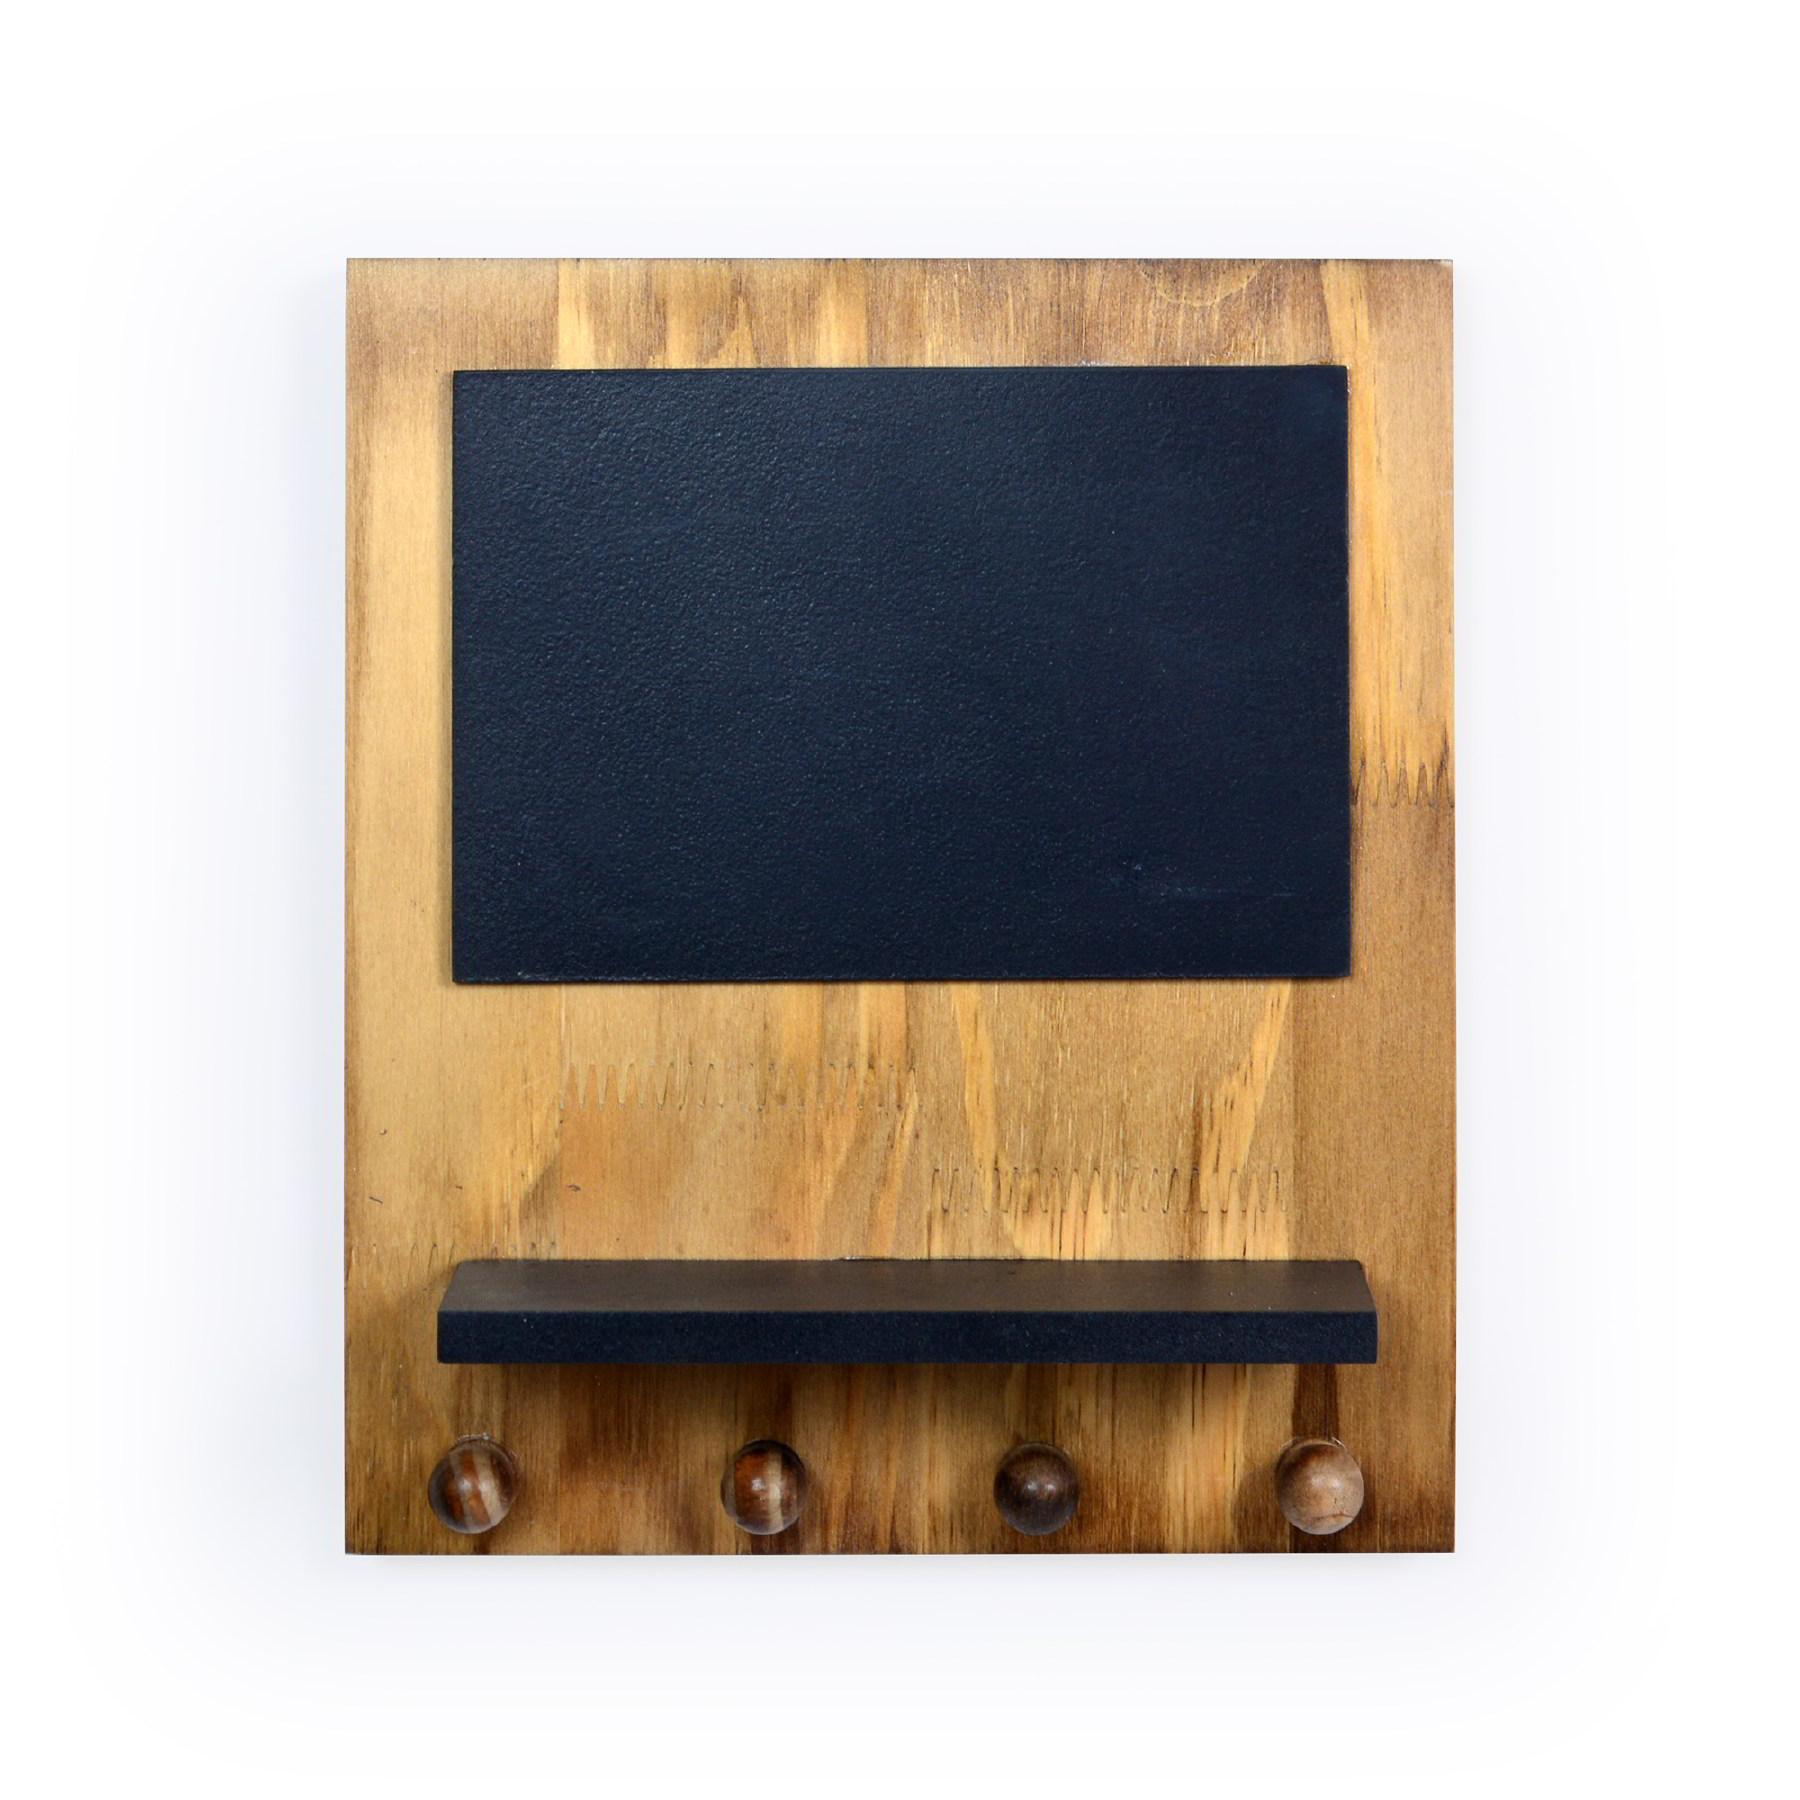 Porta chave de madeira Recado e prateleira